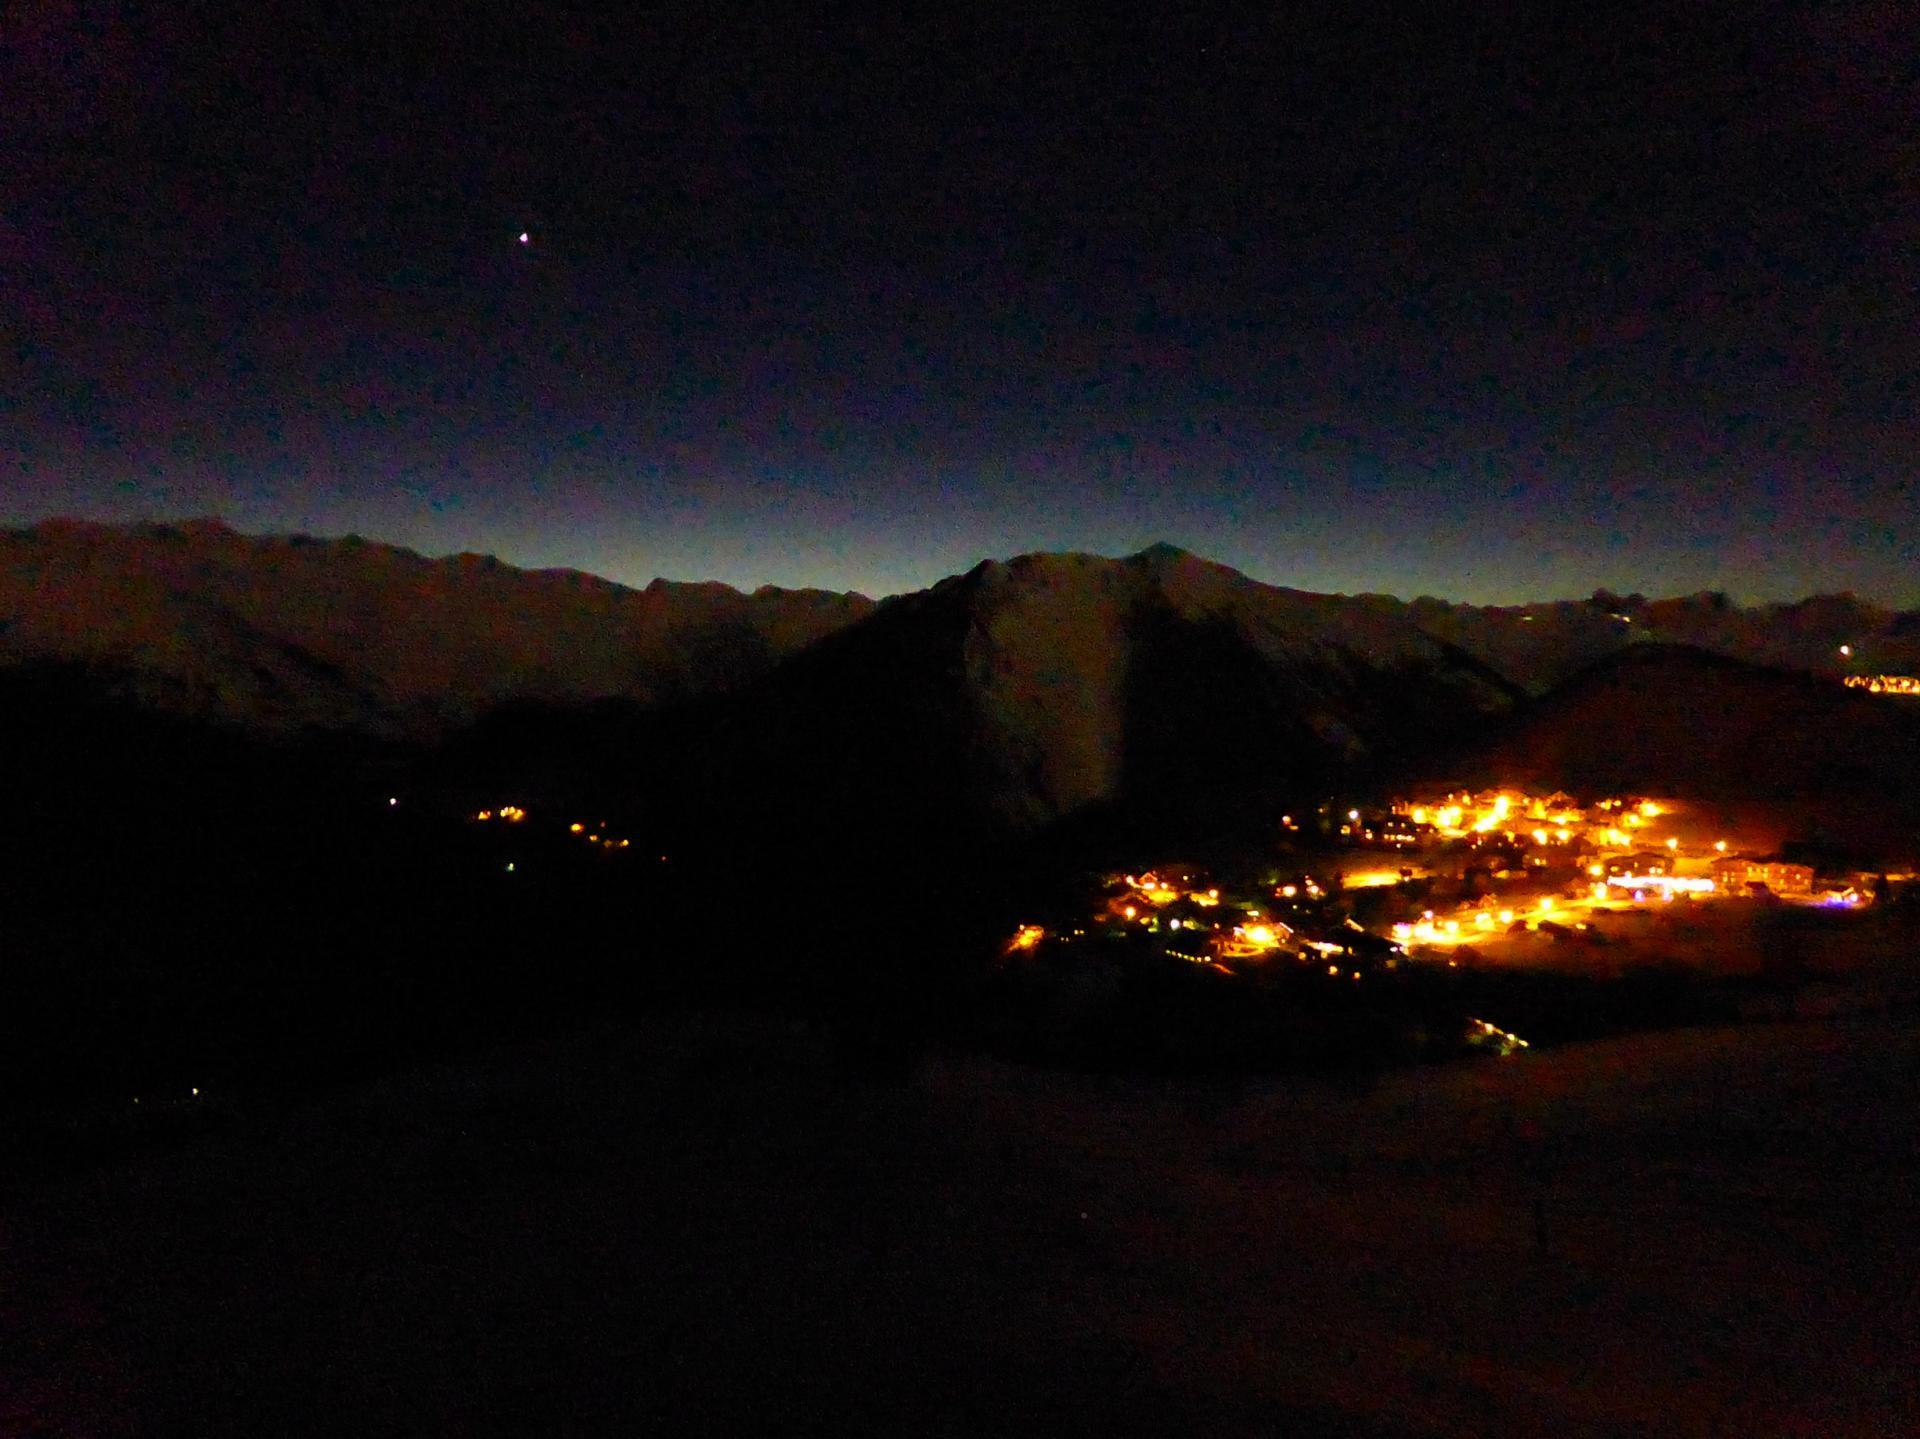 La vallée de l'Arvan de nuit avant le départ du chalet d'alpage